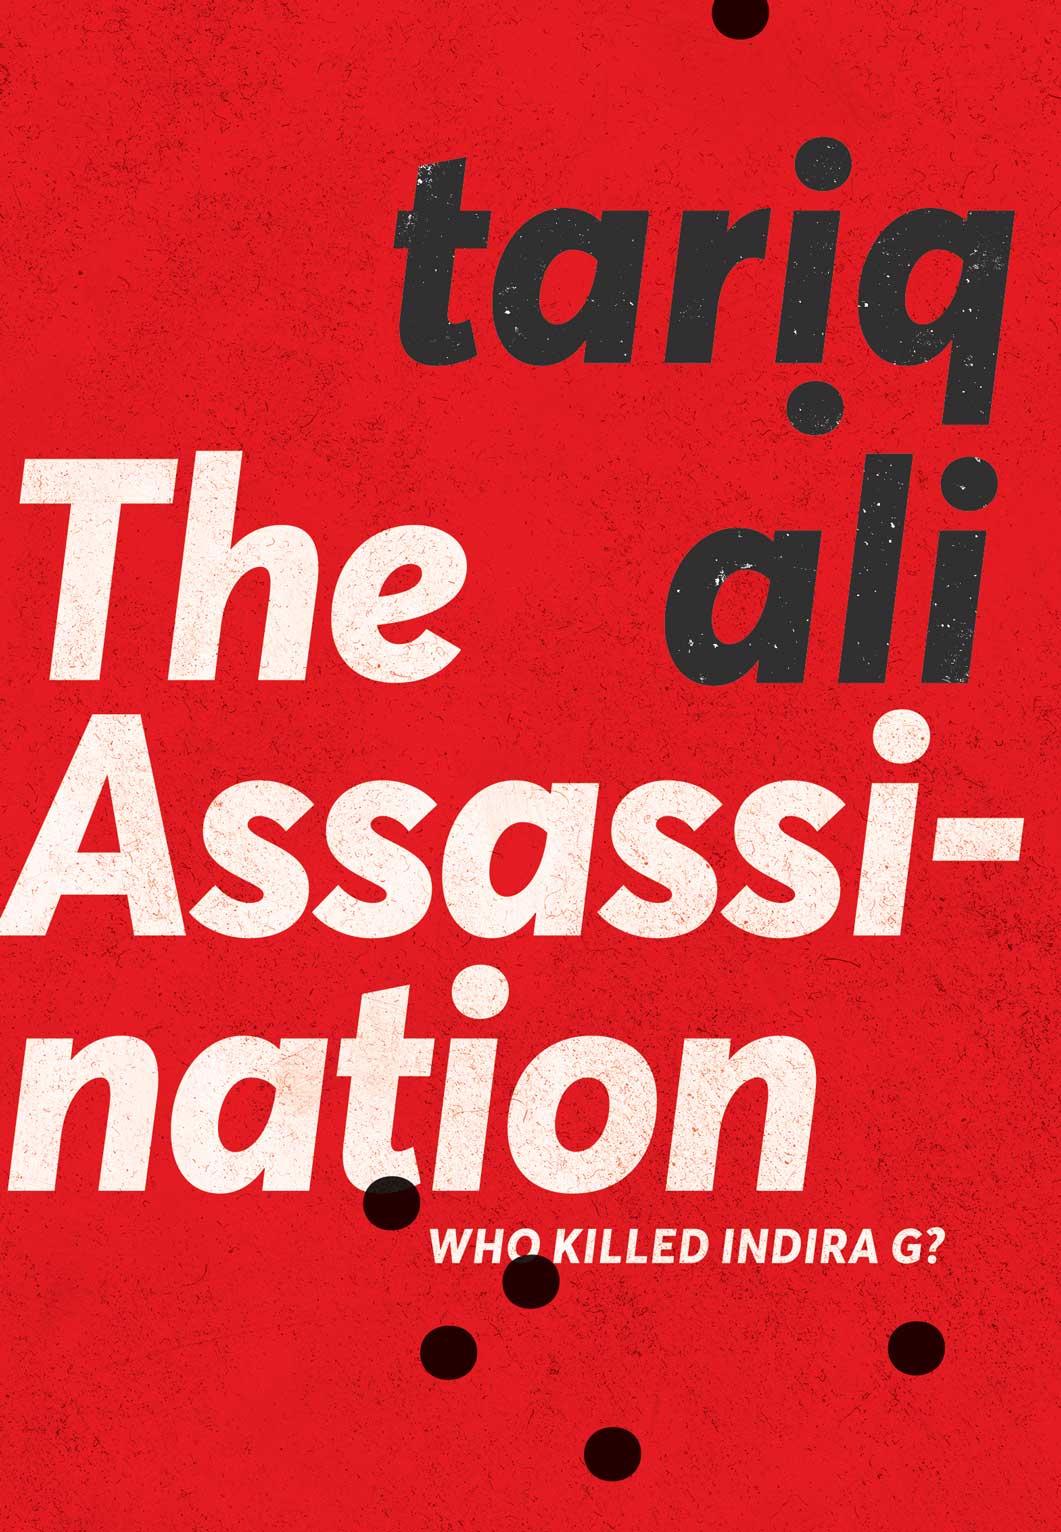 The Assasination : Who Killed Indira G? by Tariq Ali    Seagull Books